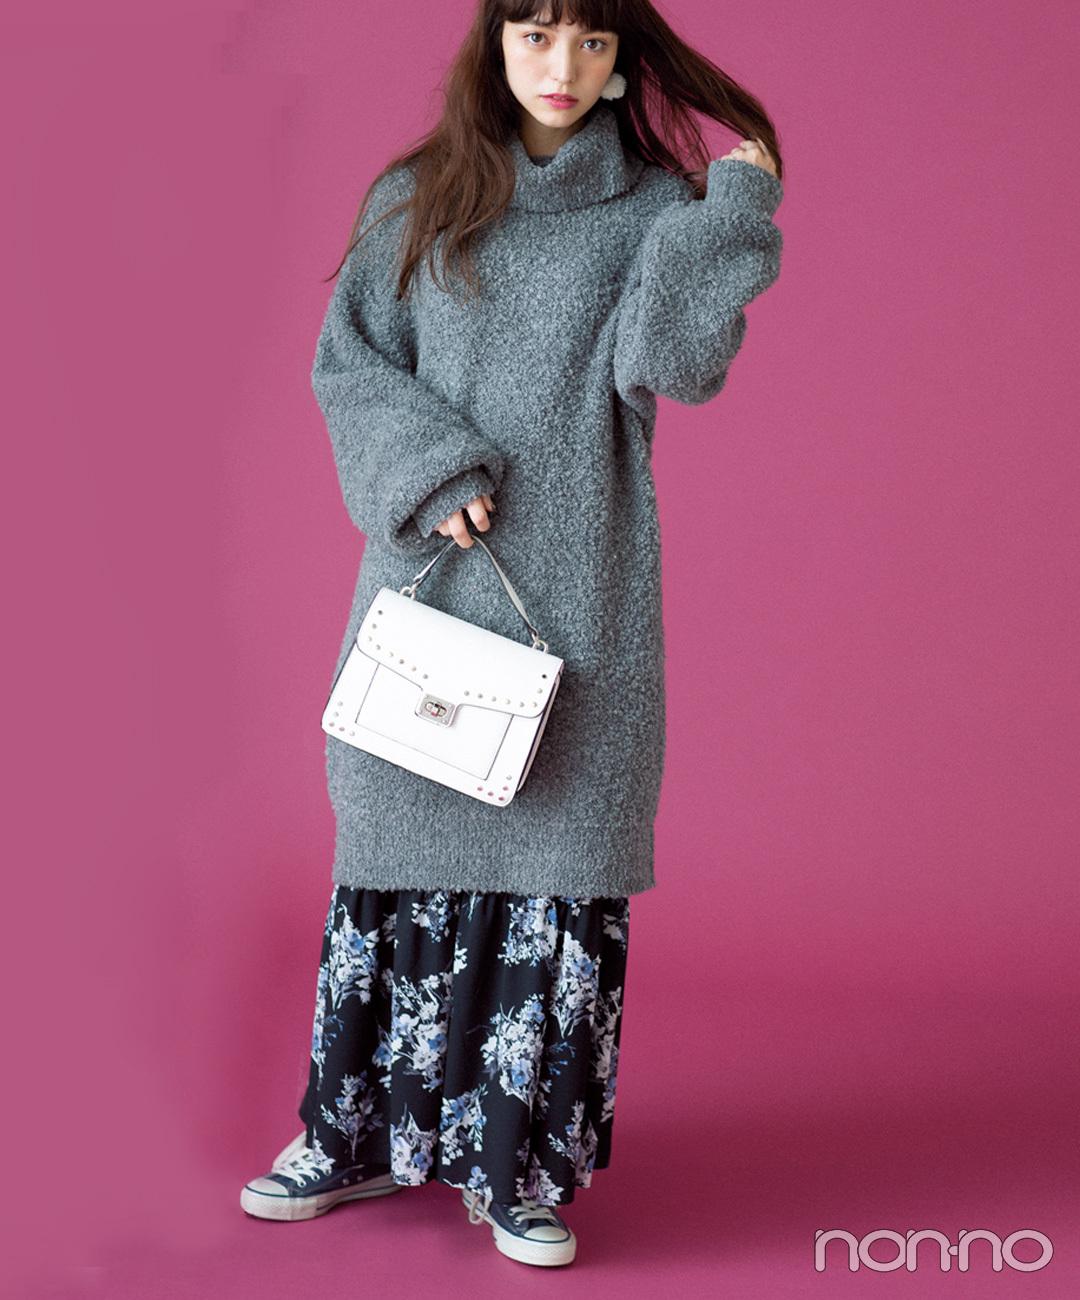 【冬のスニーカーコーデ】ニットワンピースとロングスカートで作る、甘めゆるずるが新鮮